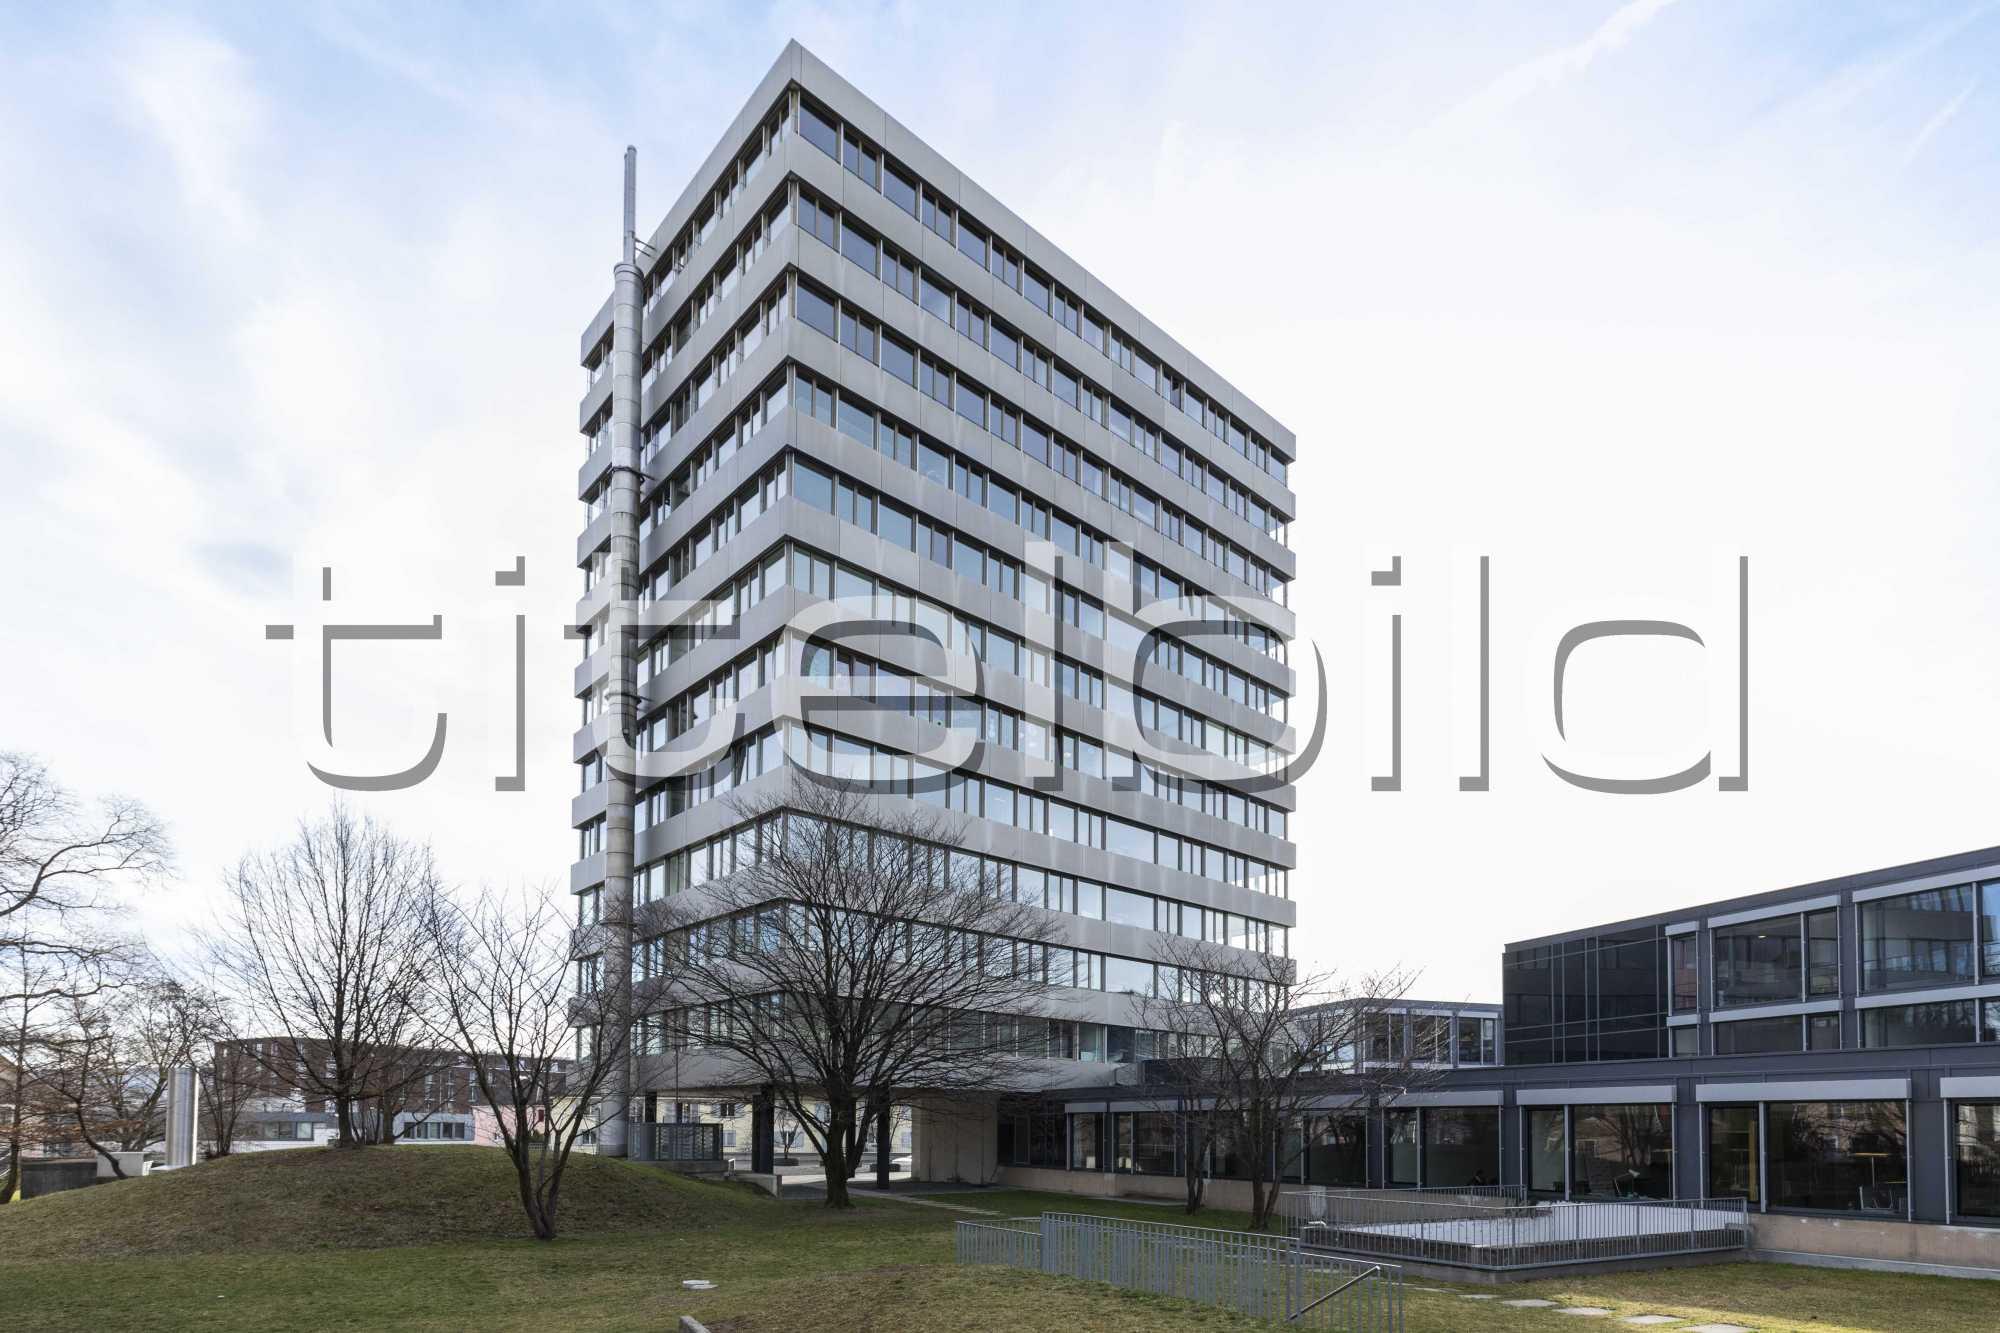 Projektbild-Nr. 1: Sanierung Hochhaus, Uetlibergstrasse 132, 8045 Zürich